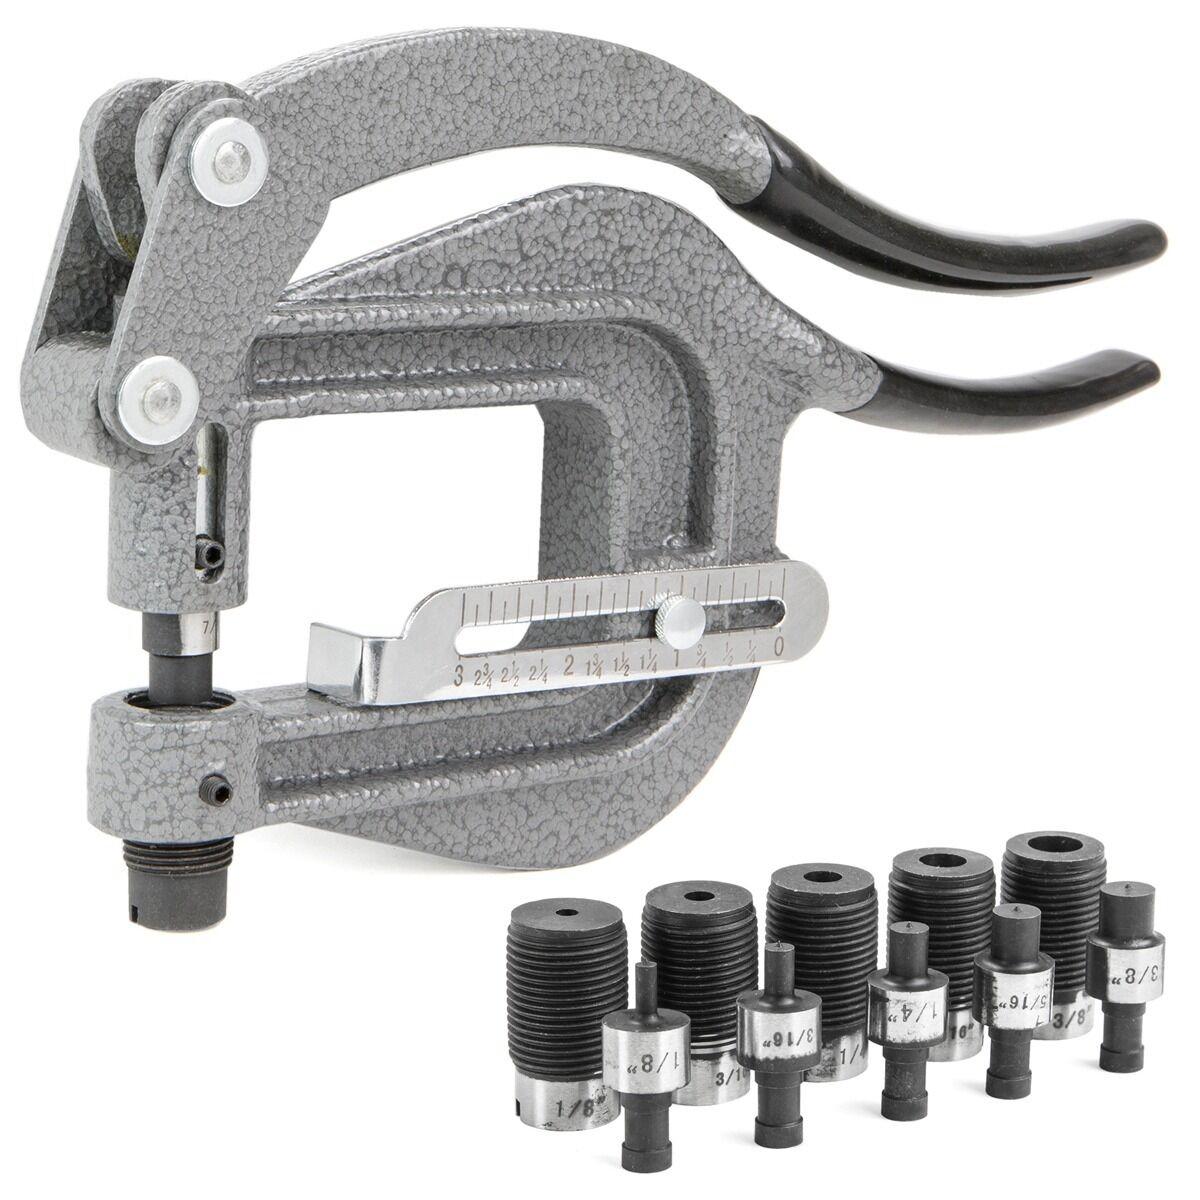 Sheet Metal Rivet Tool : Power punch deep thorat kit sheet metal rivet hole